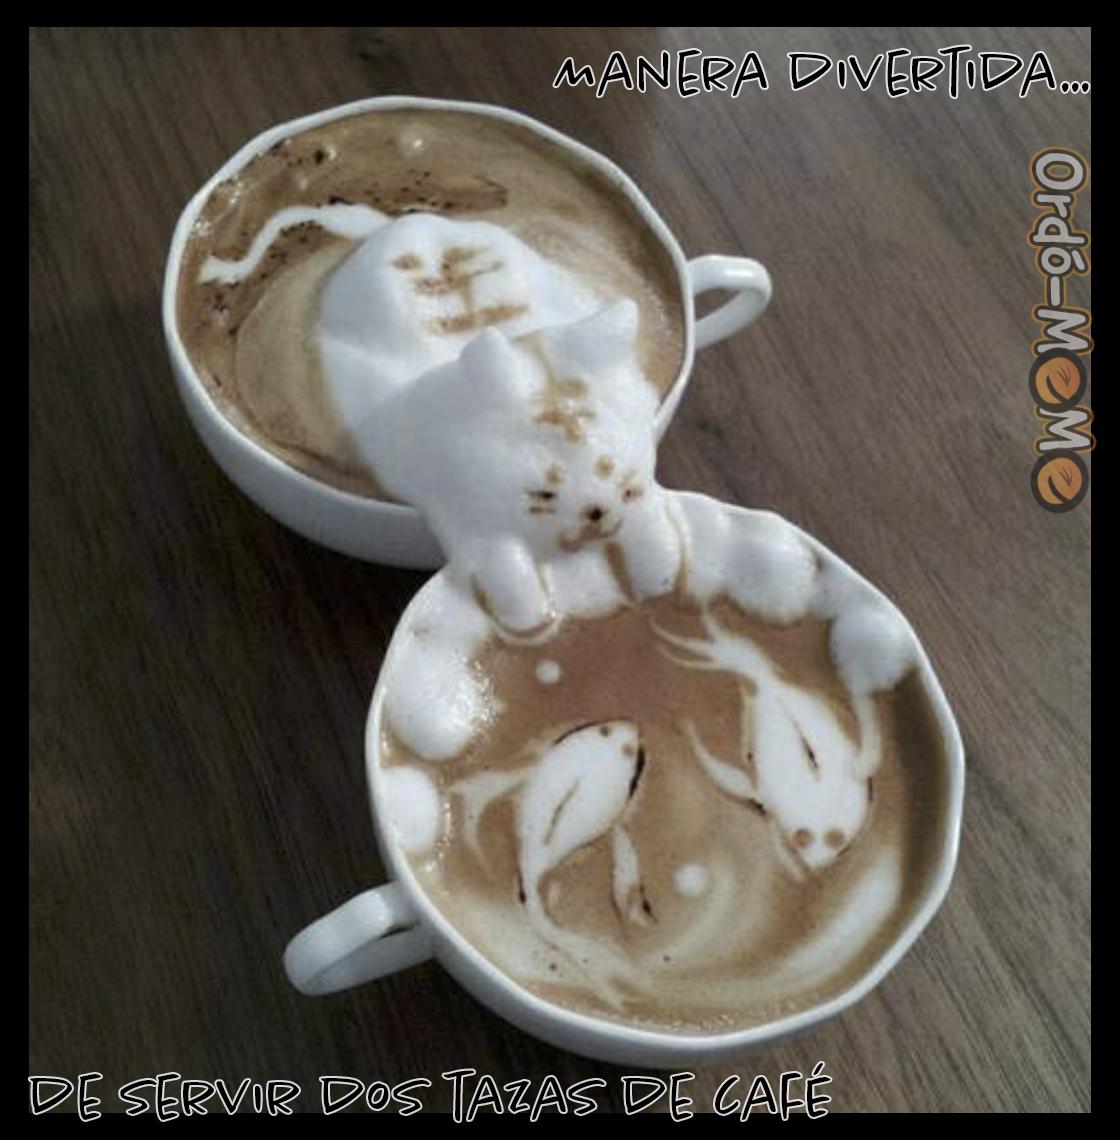 Meme dos tazas de café